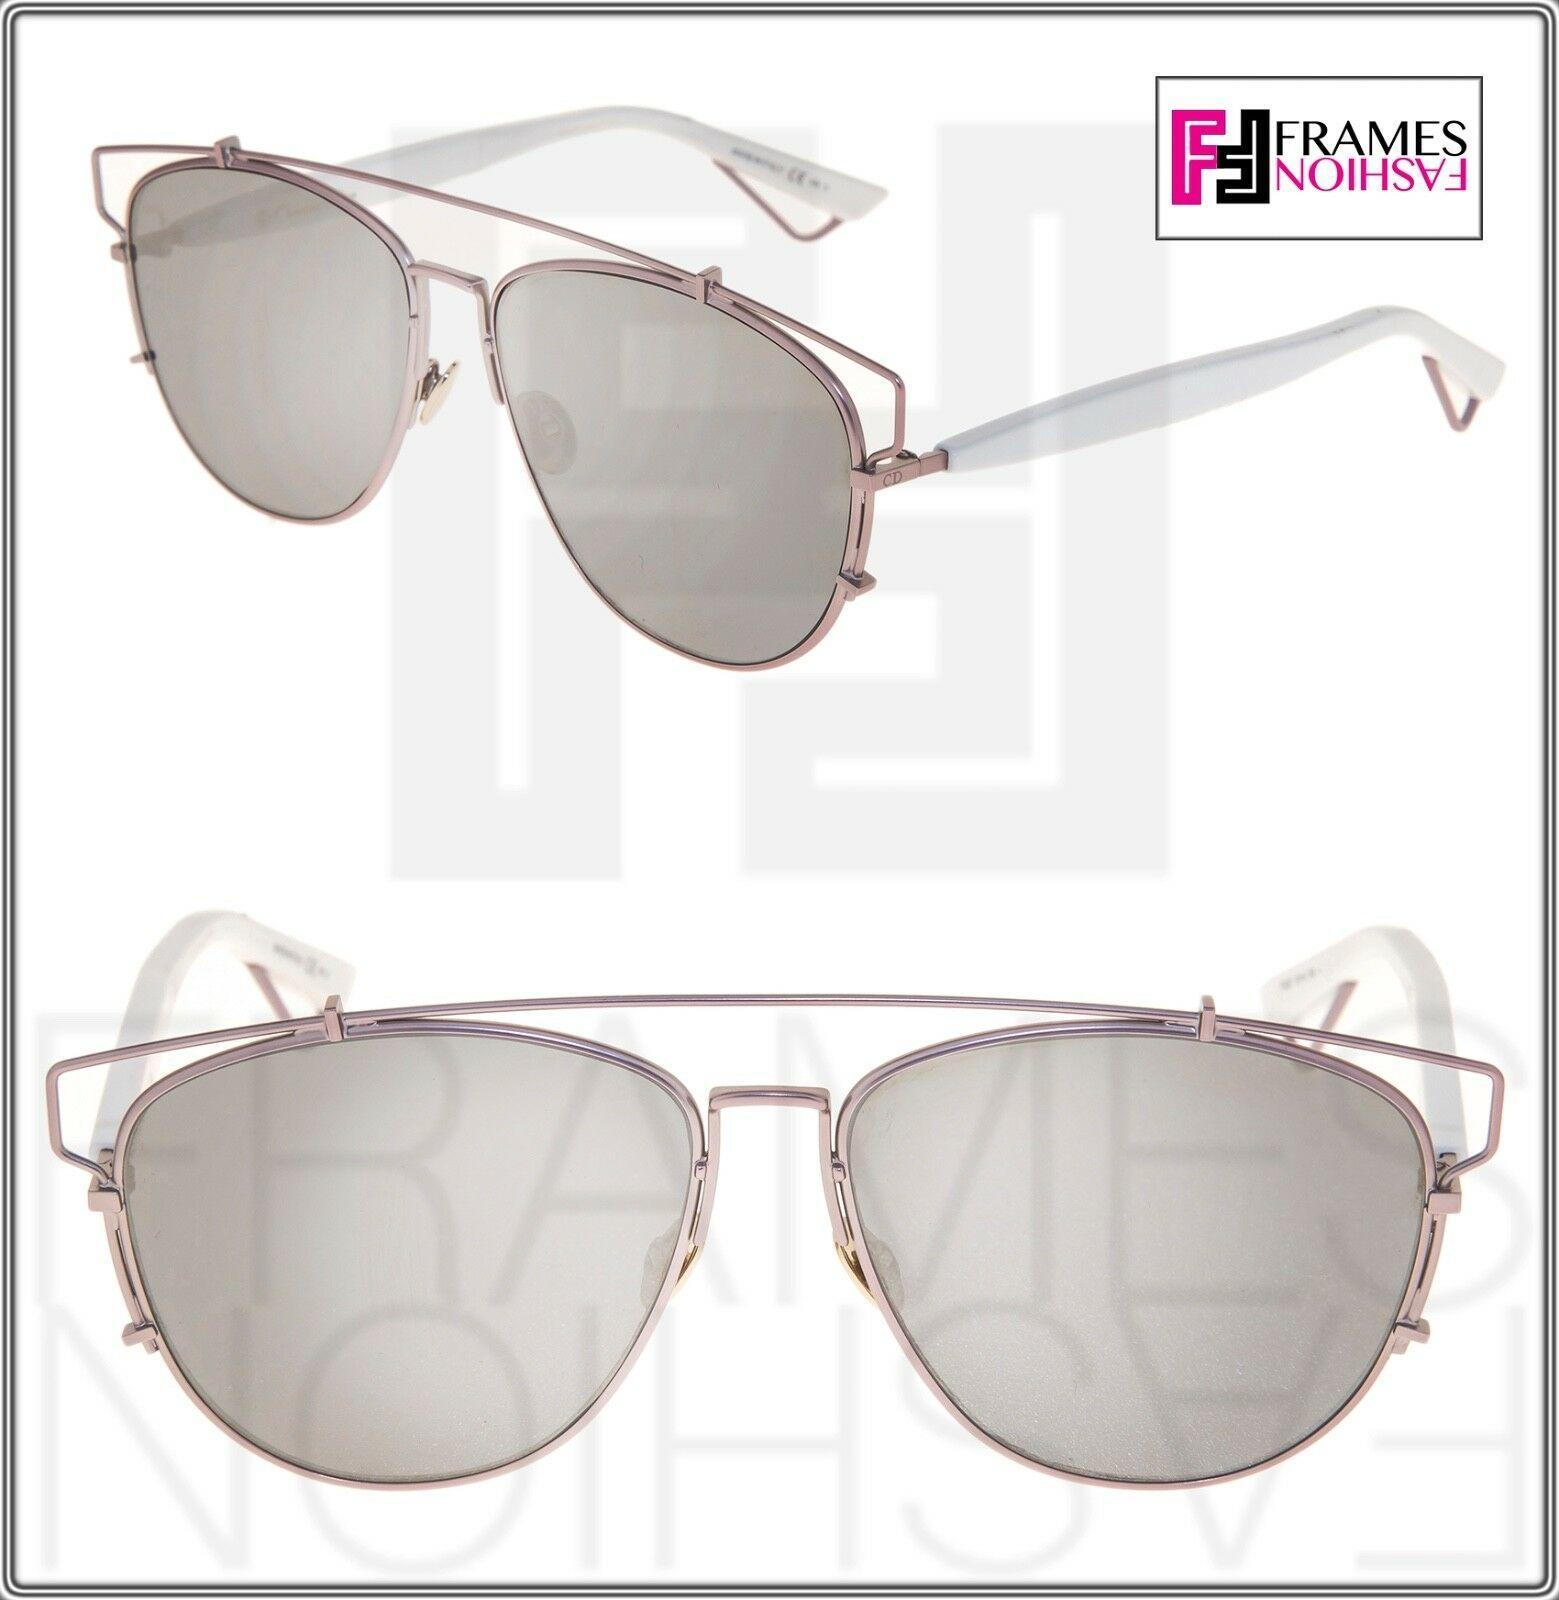 CHRISTIAN DIOR TECHNOLOGIC White Lilac Flash Mirrored Sunglasses DIORTECHNOLOGIC